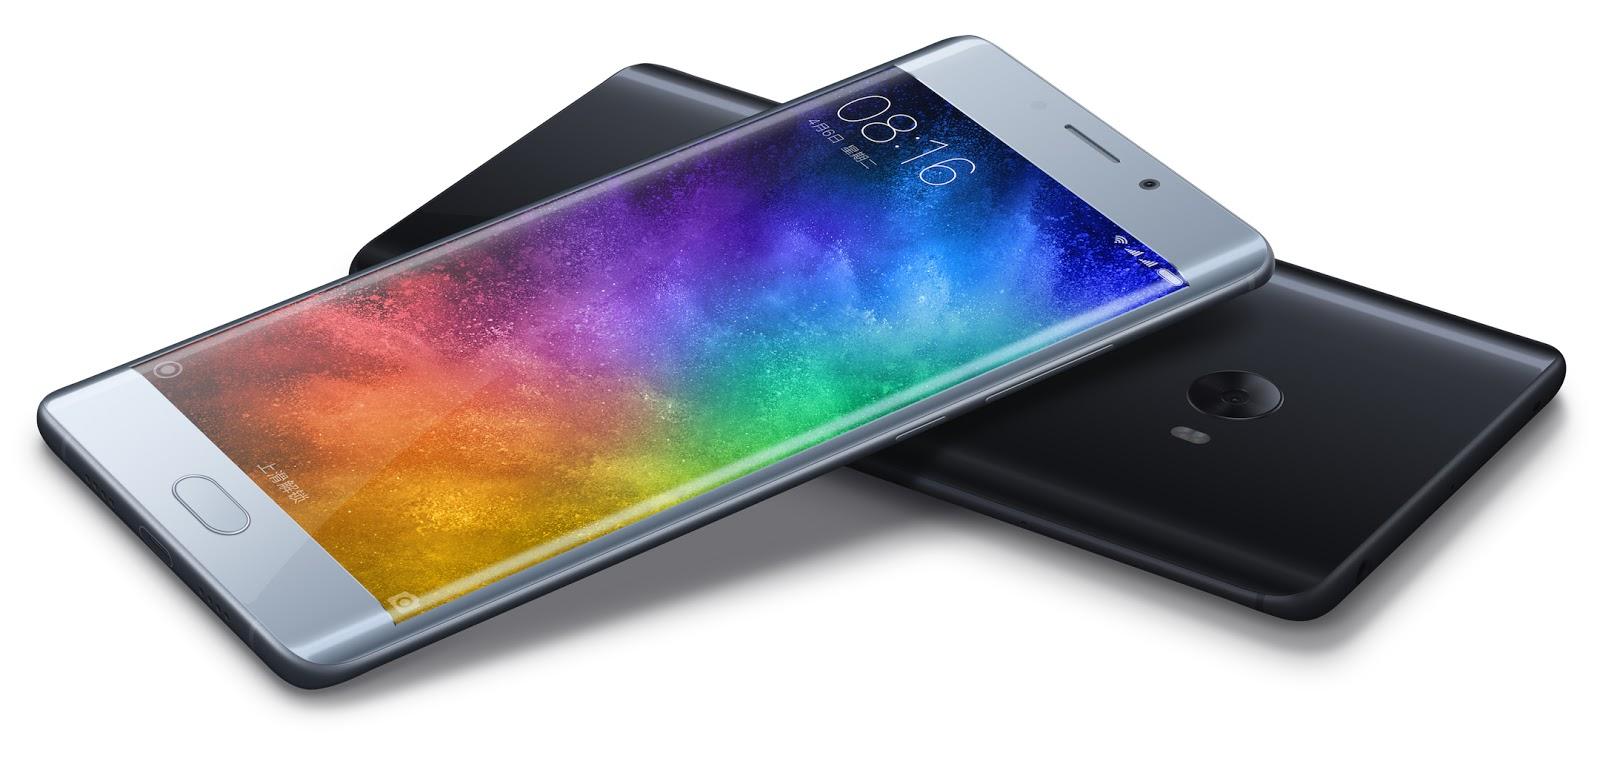 Осенний смартфонопад: китайский «Galaxy Note 7» и другие новинки от Xiaomi - 19